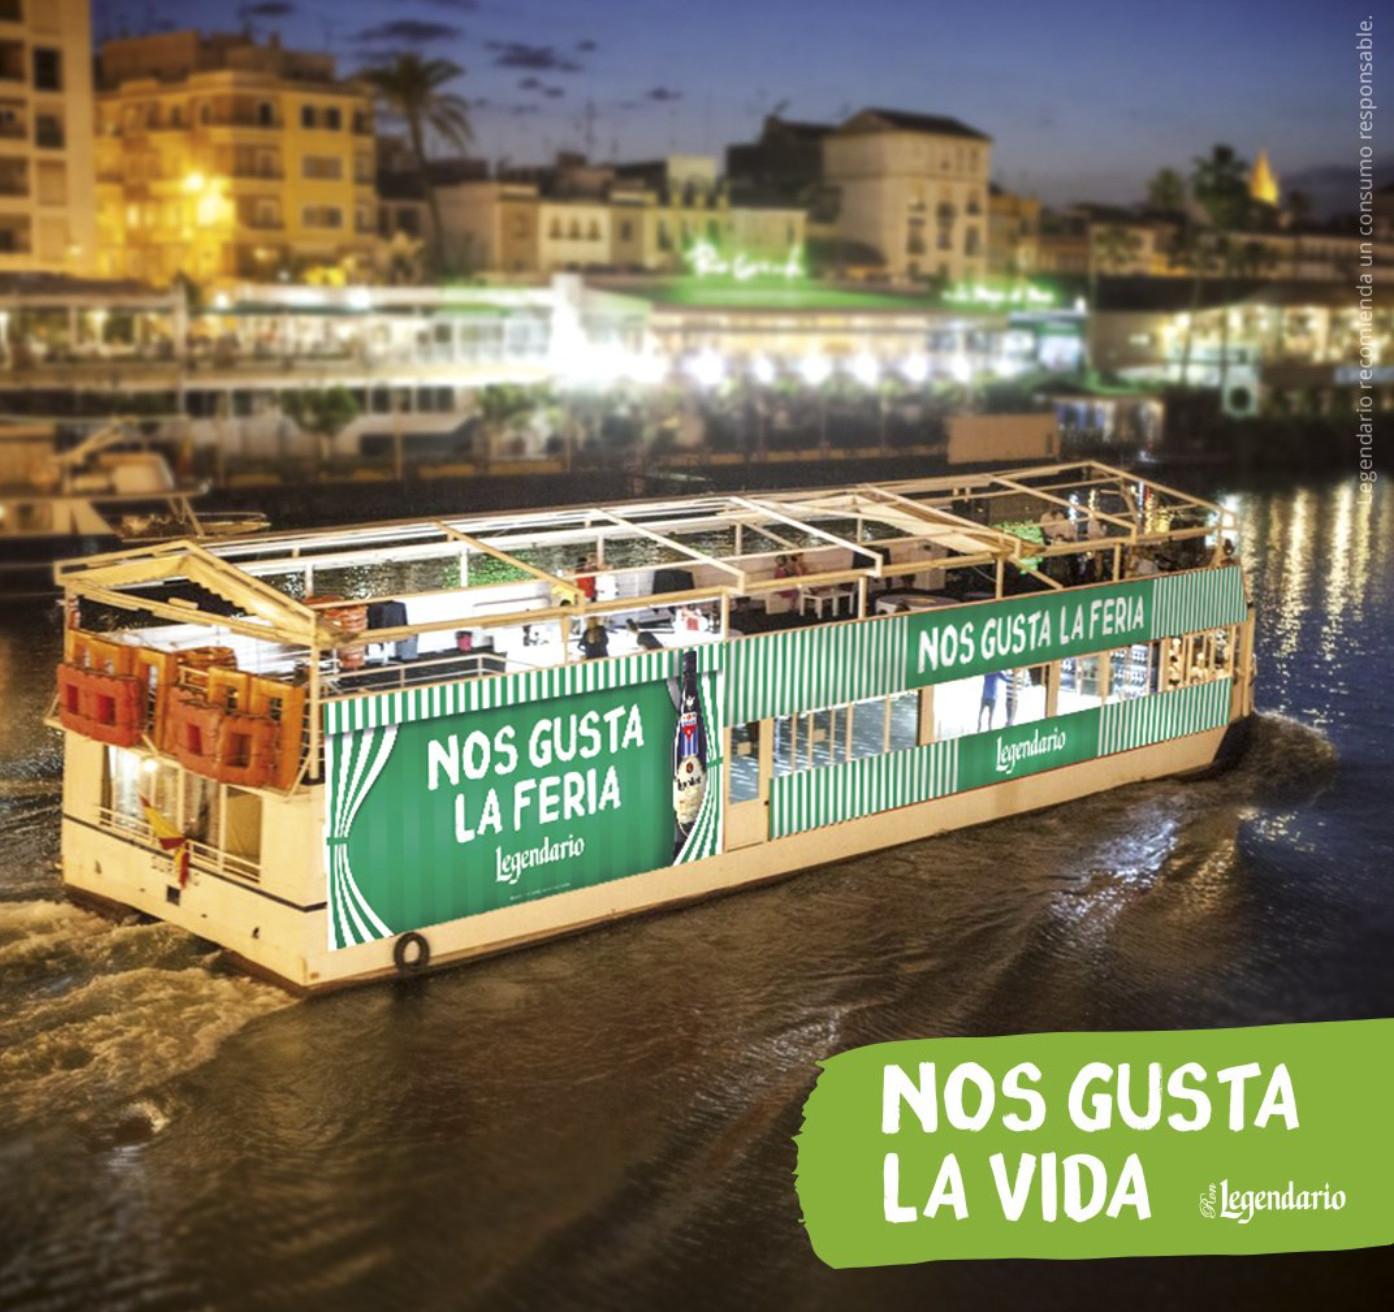 Sevilla (Feria de Abril y Ron Legendario): Travesía en barco por el Guadalquivir y Remojito (GRATIS)